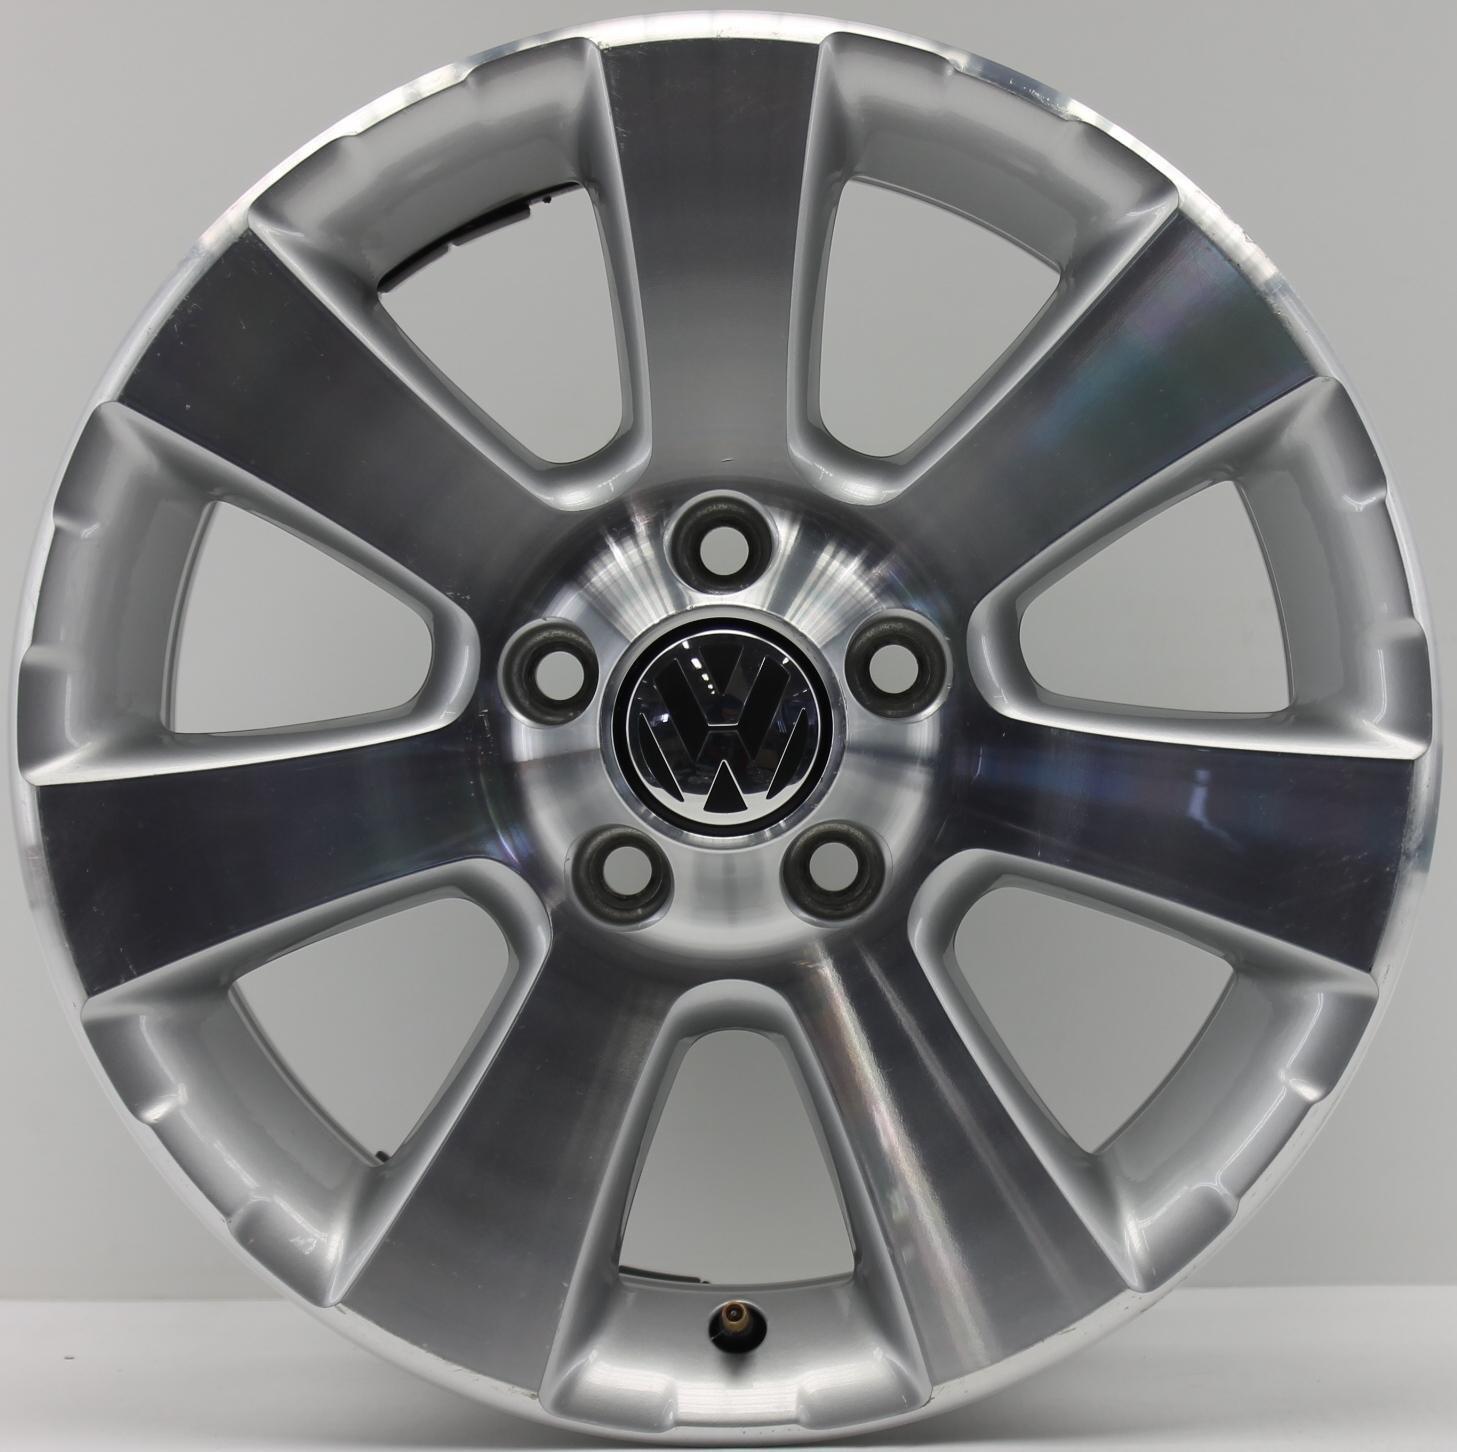 Vw San Diego >> 1 Original Vw Tiguan San Diego Alloy Wheel 5 N0601025 A 6